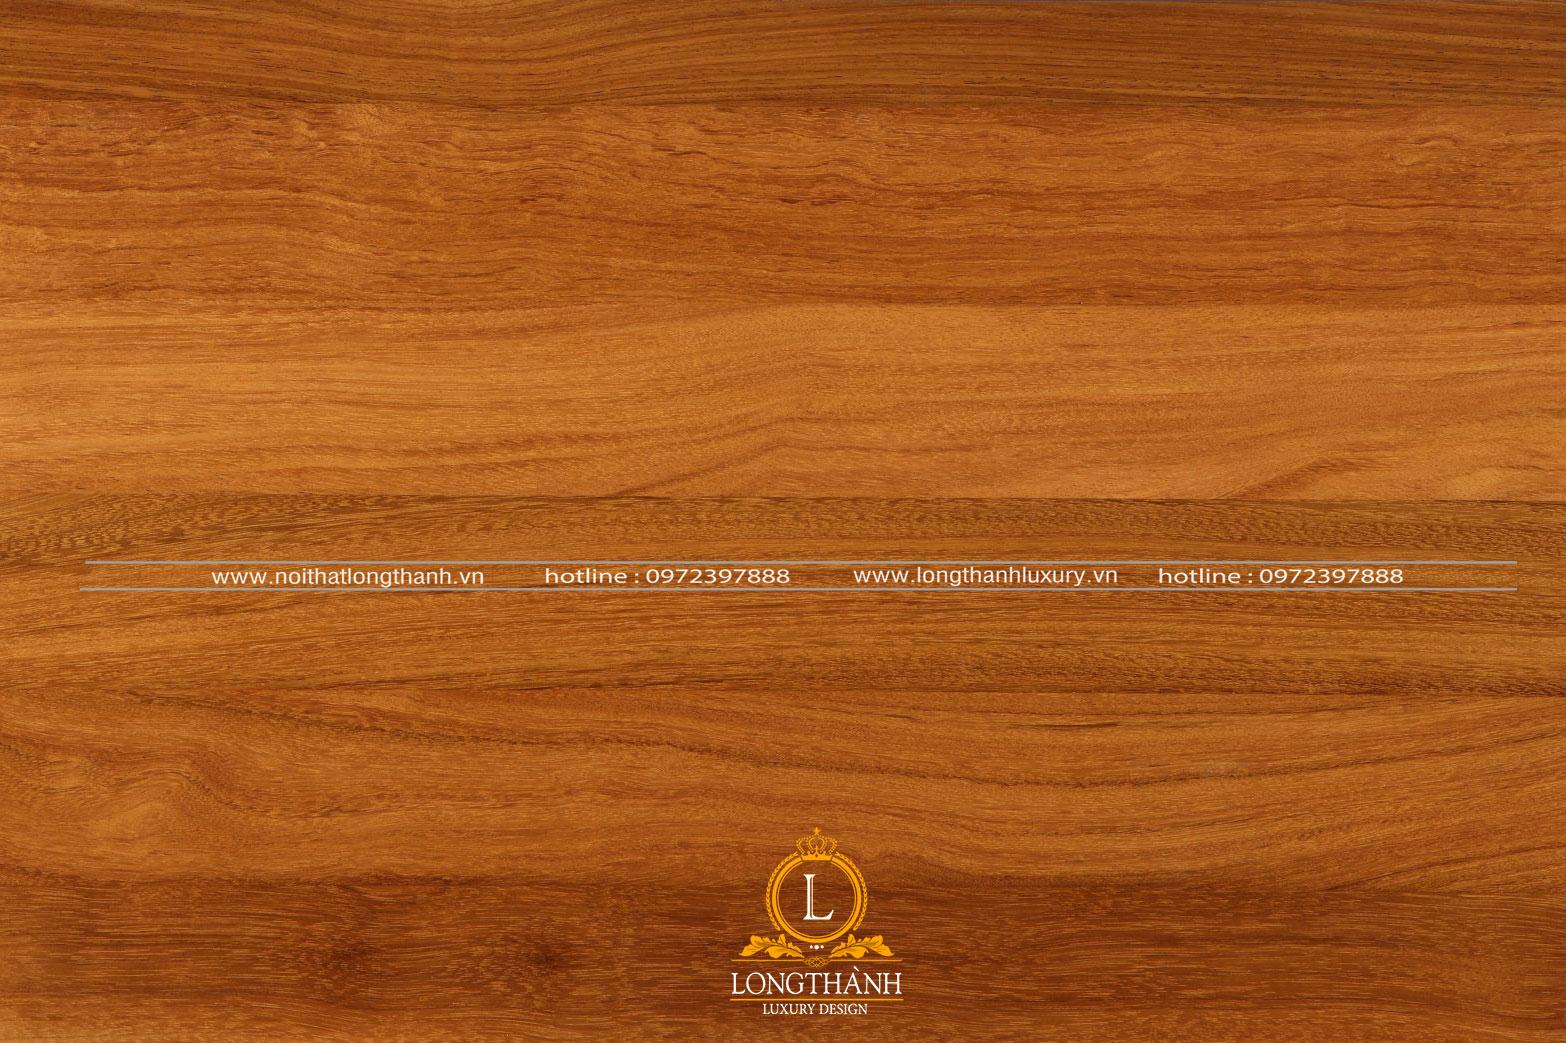 Màu sắc và đường vân gỗ độc đáo